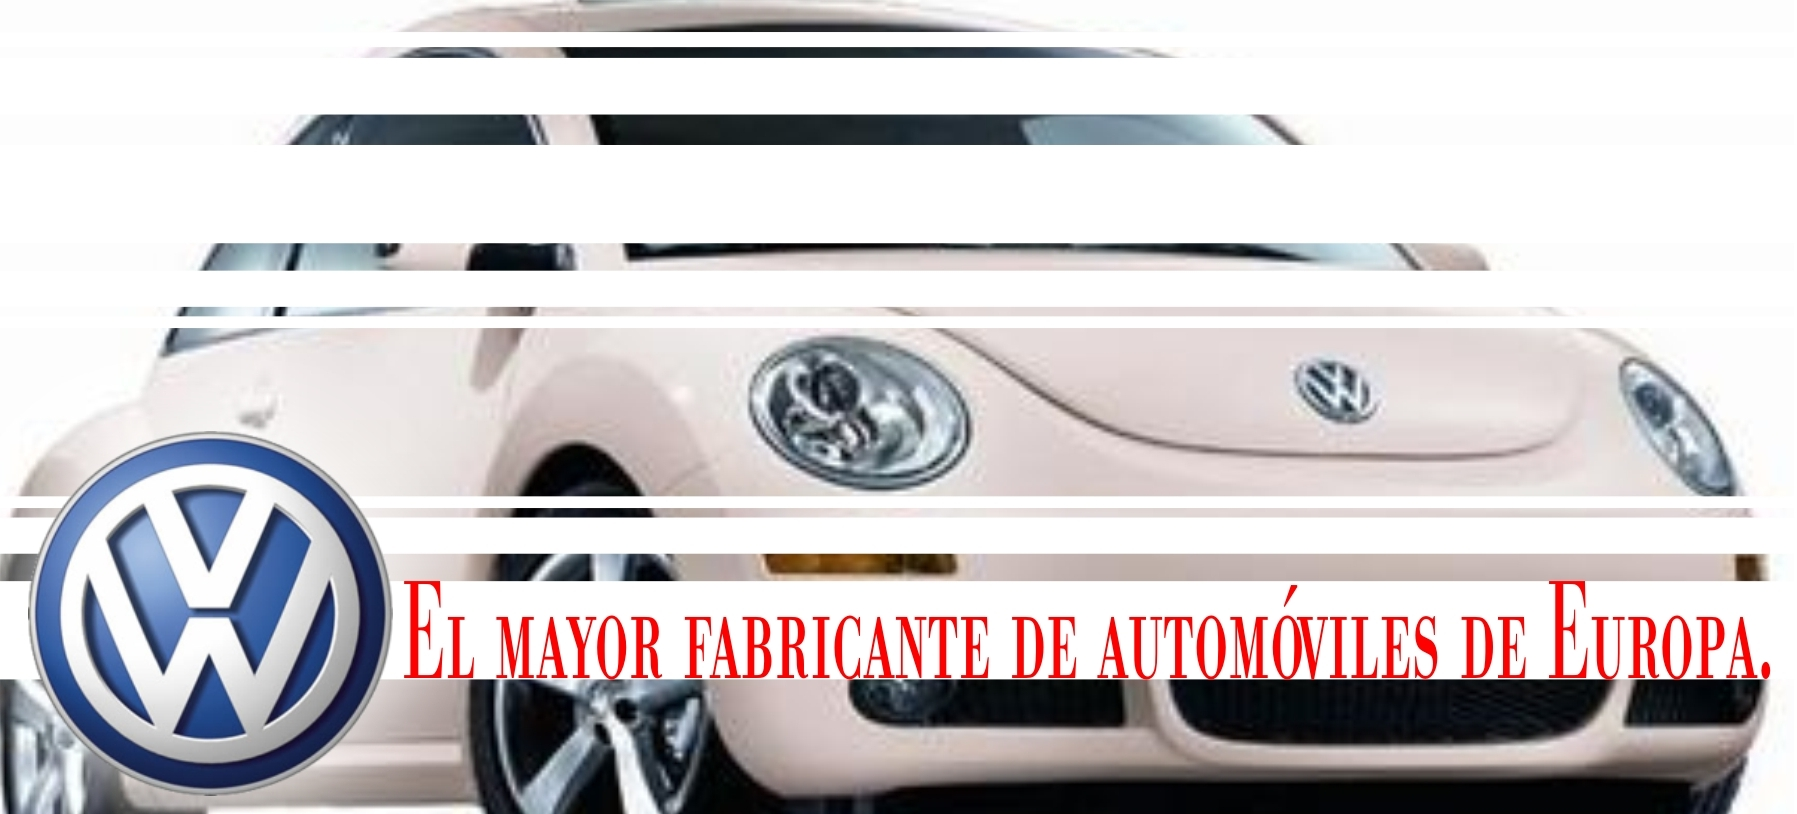 Volkswagen, El mayor fabricante de automóviles de Europa.